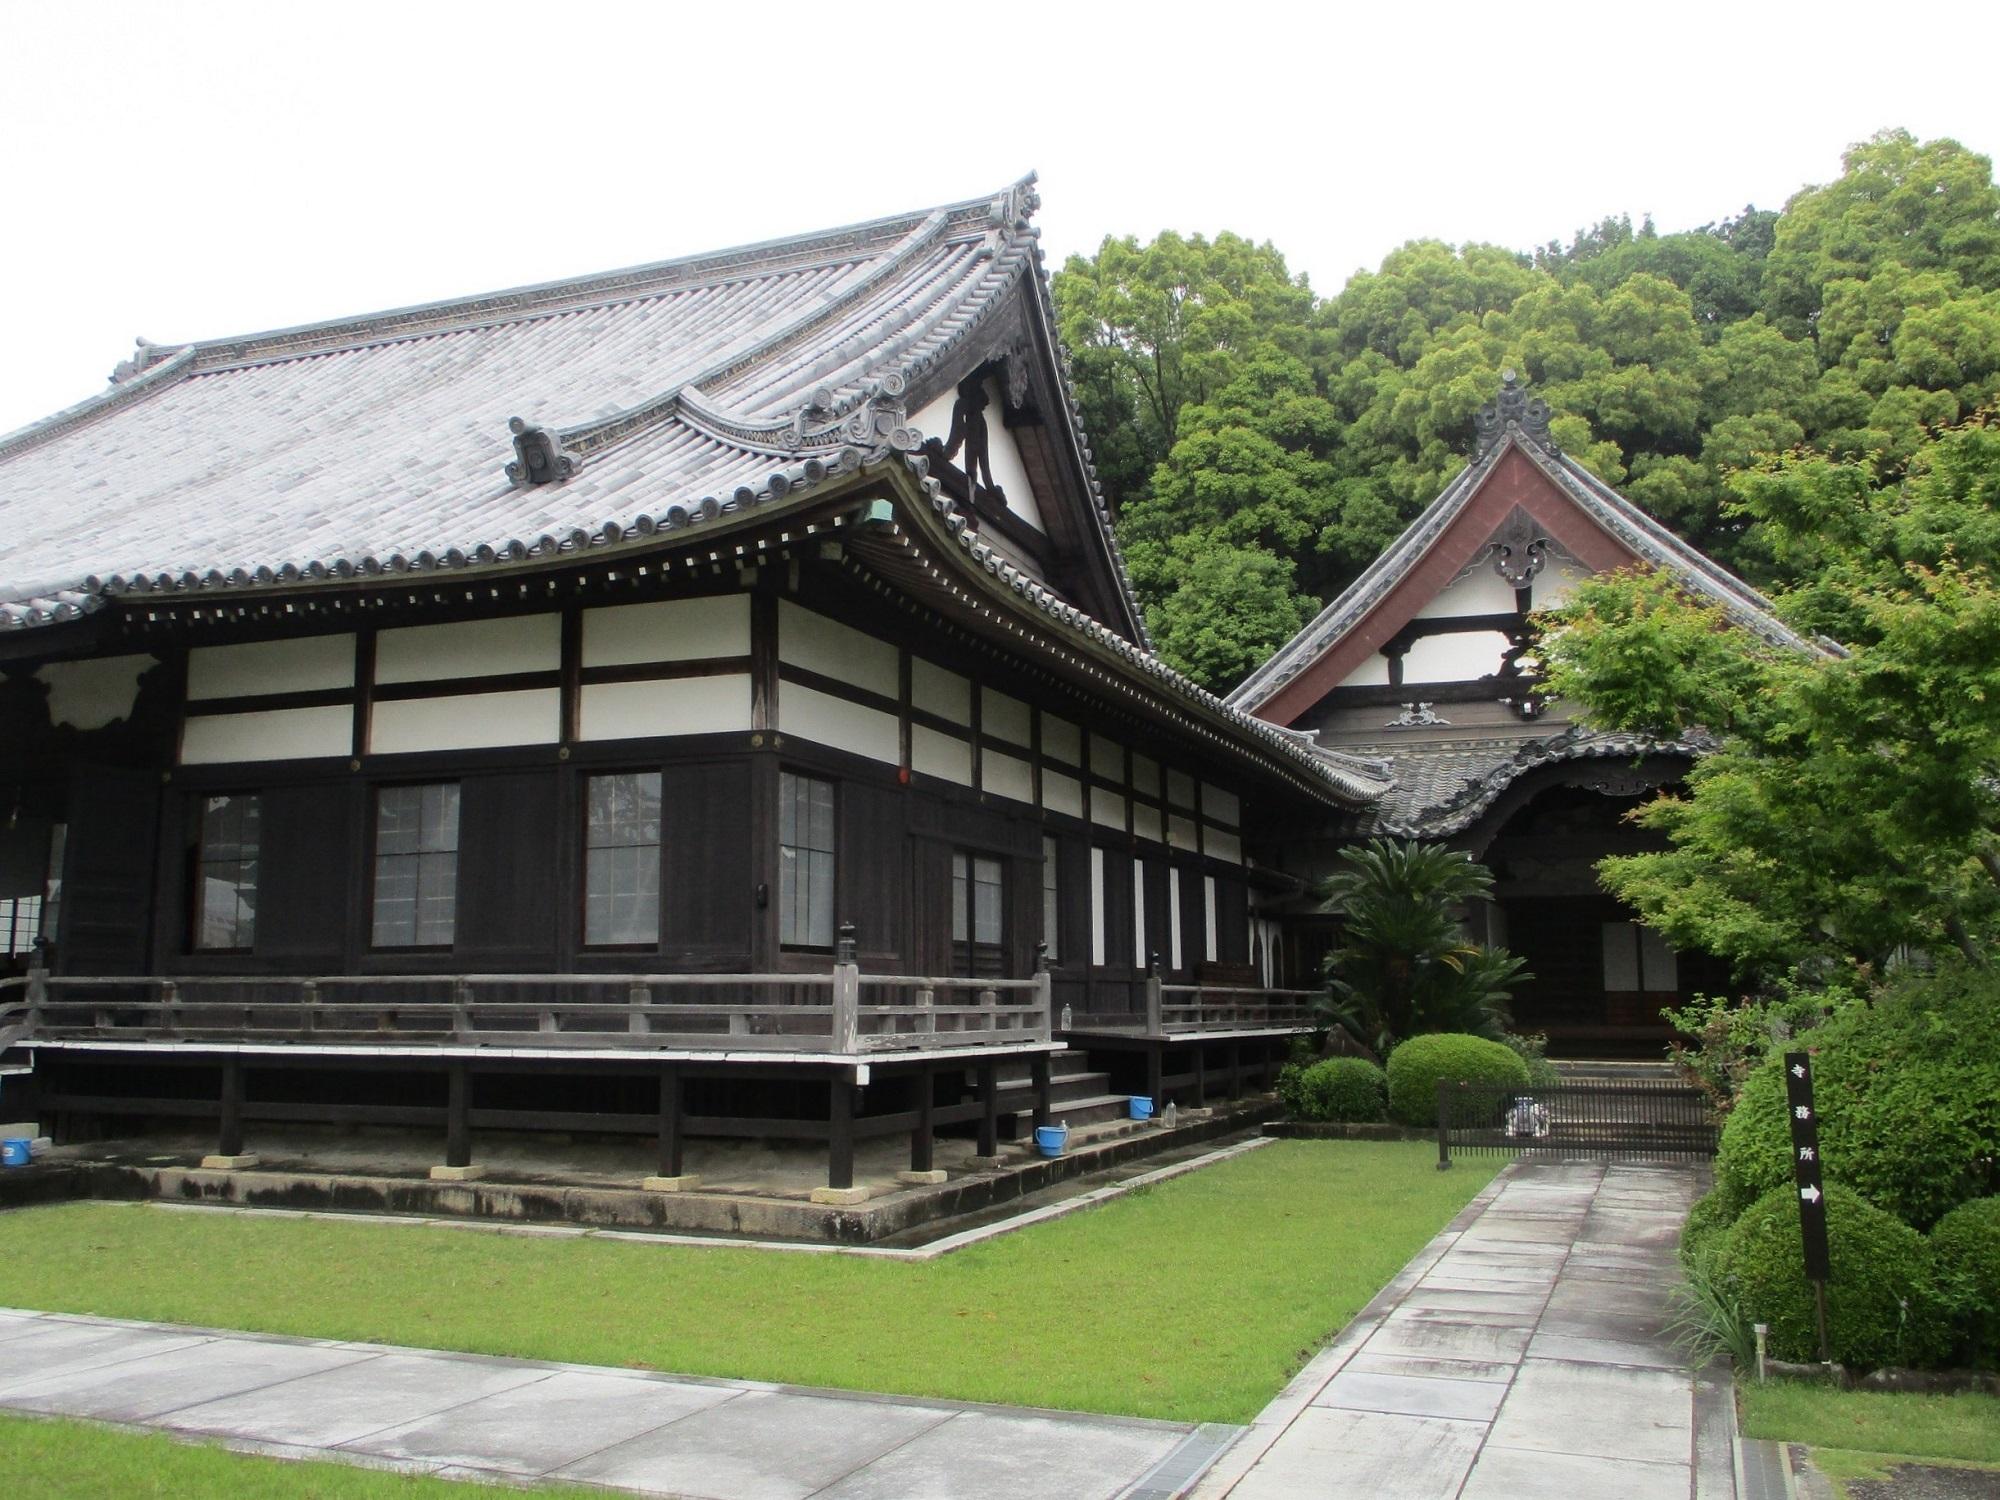 2020.5.19 (6) 随念寺 - 本堂と書院 2000-1500